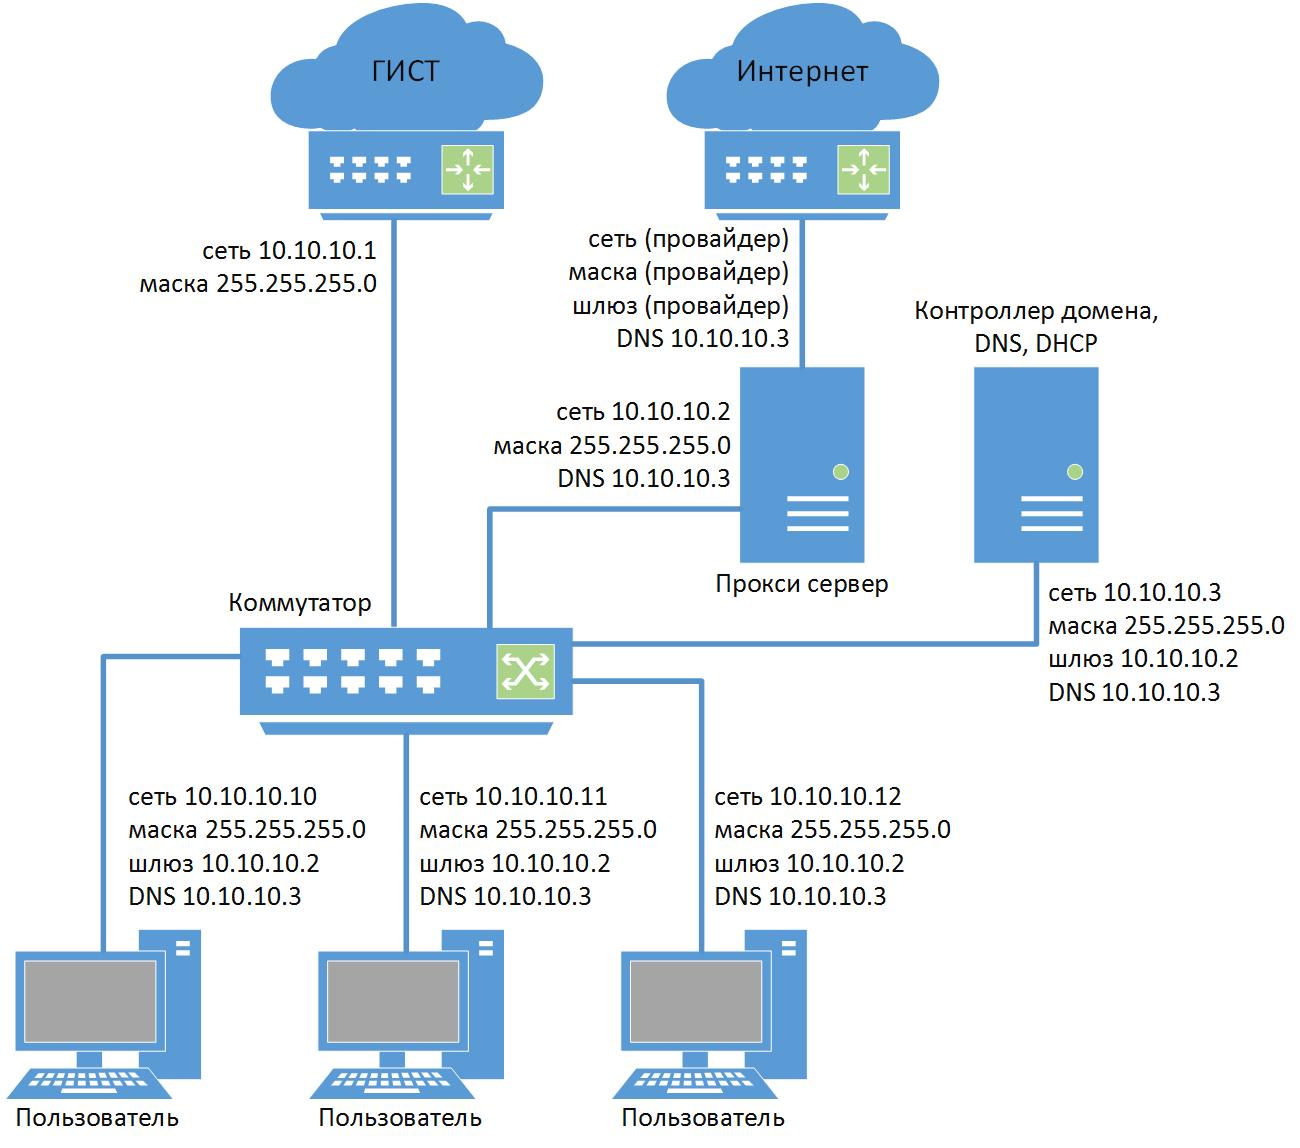 карта сети интернет провайдера